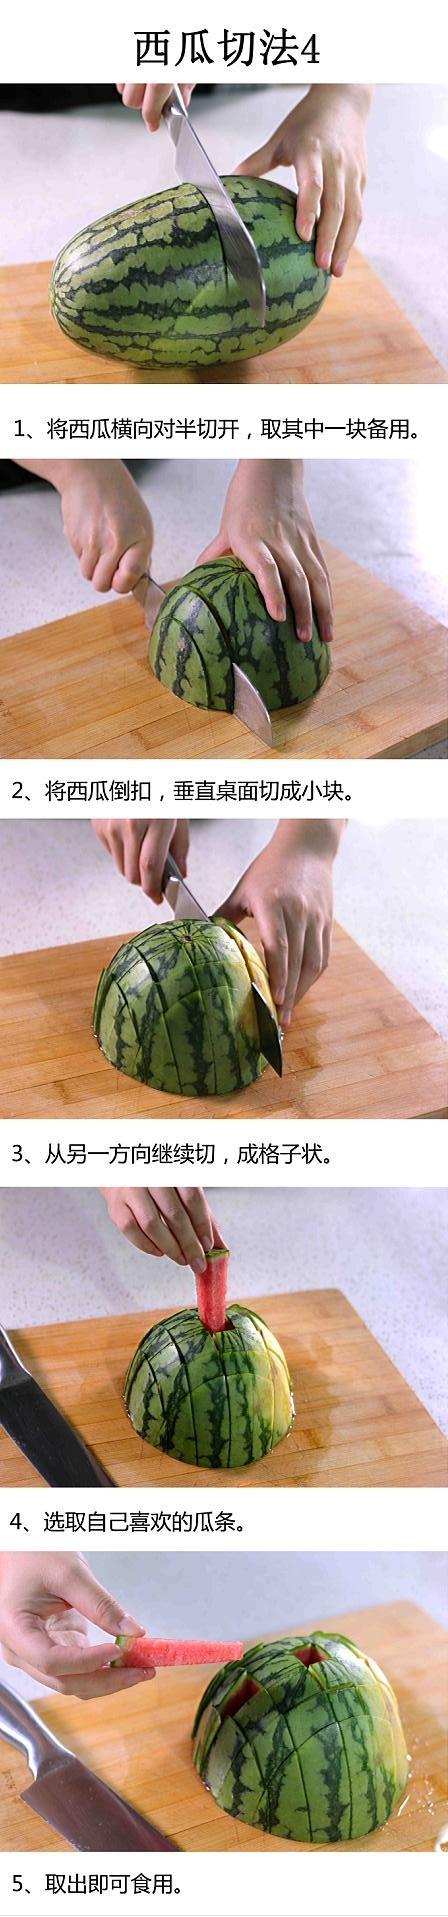 N种西瓜的闪亮切法Uz.jpg